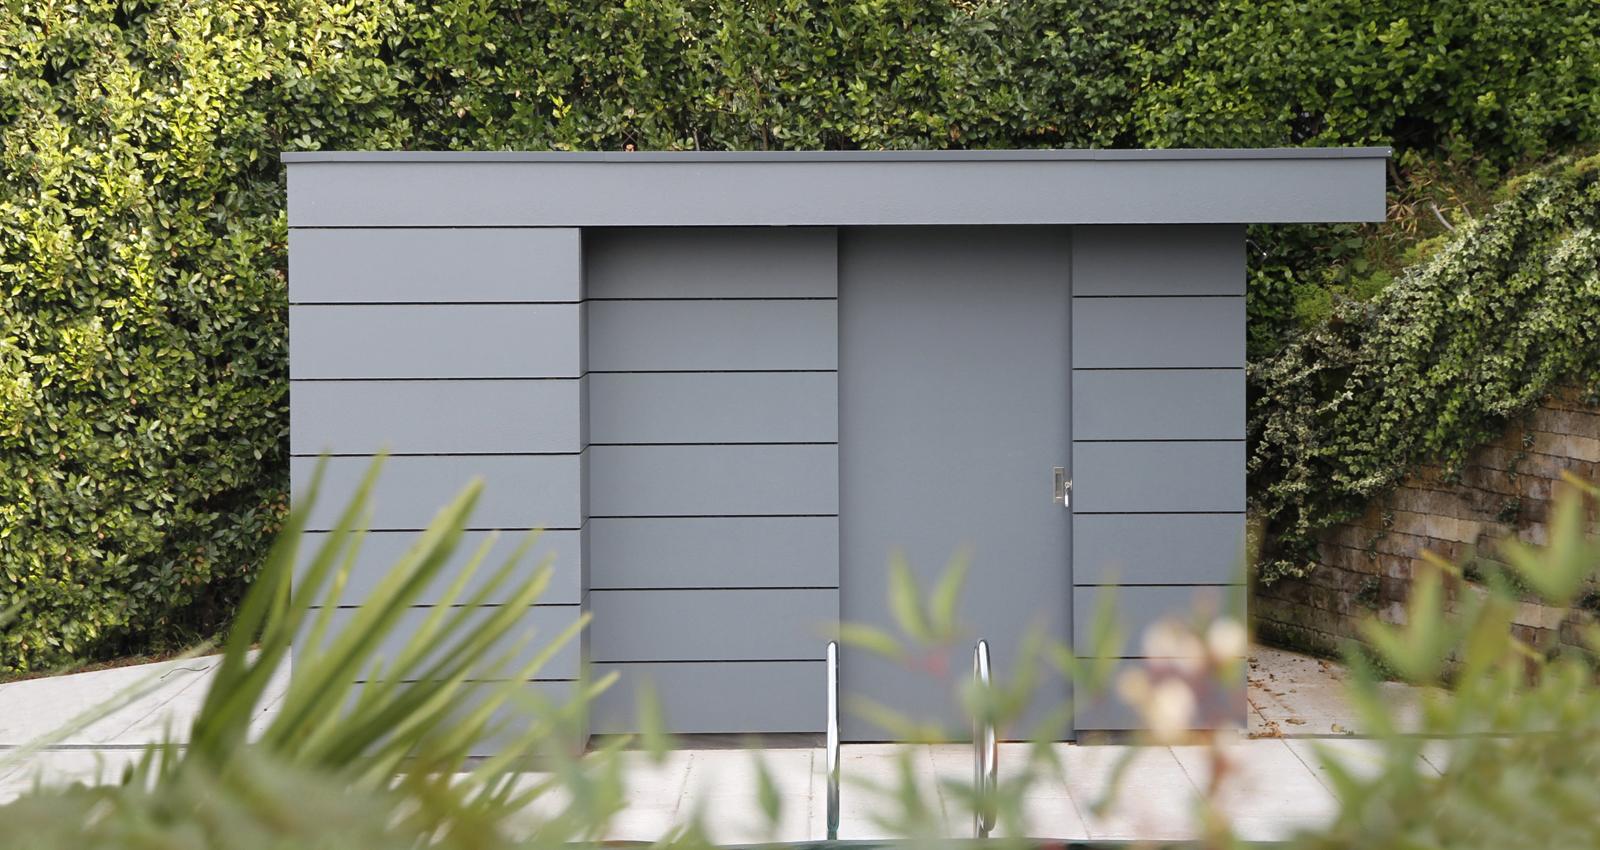 Gartenhaus Box - das Kubus Gartenhaus